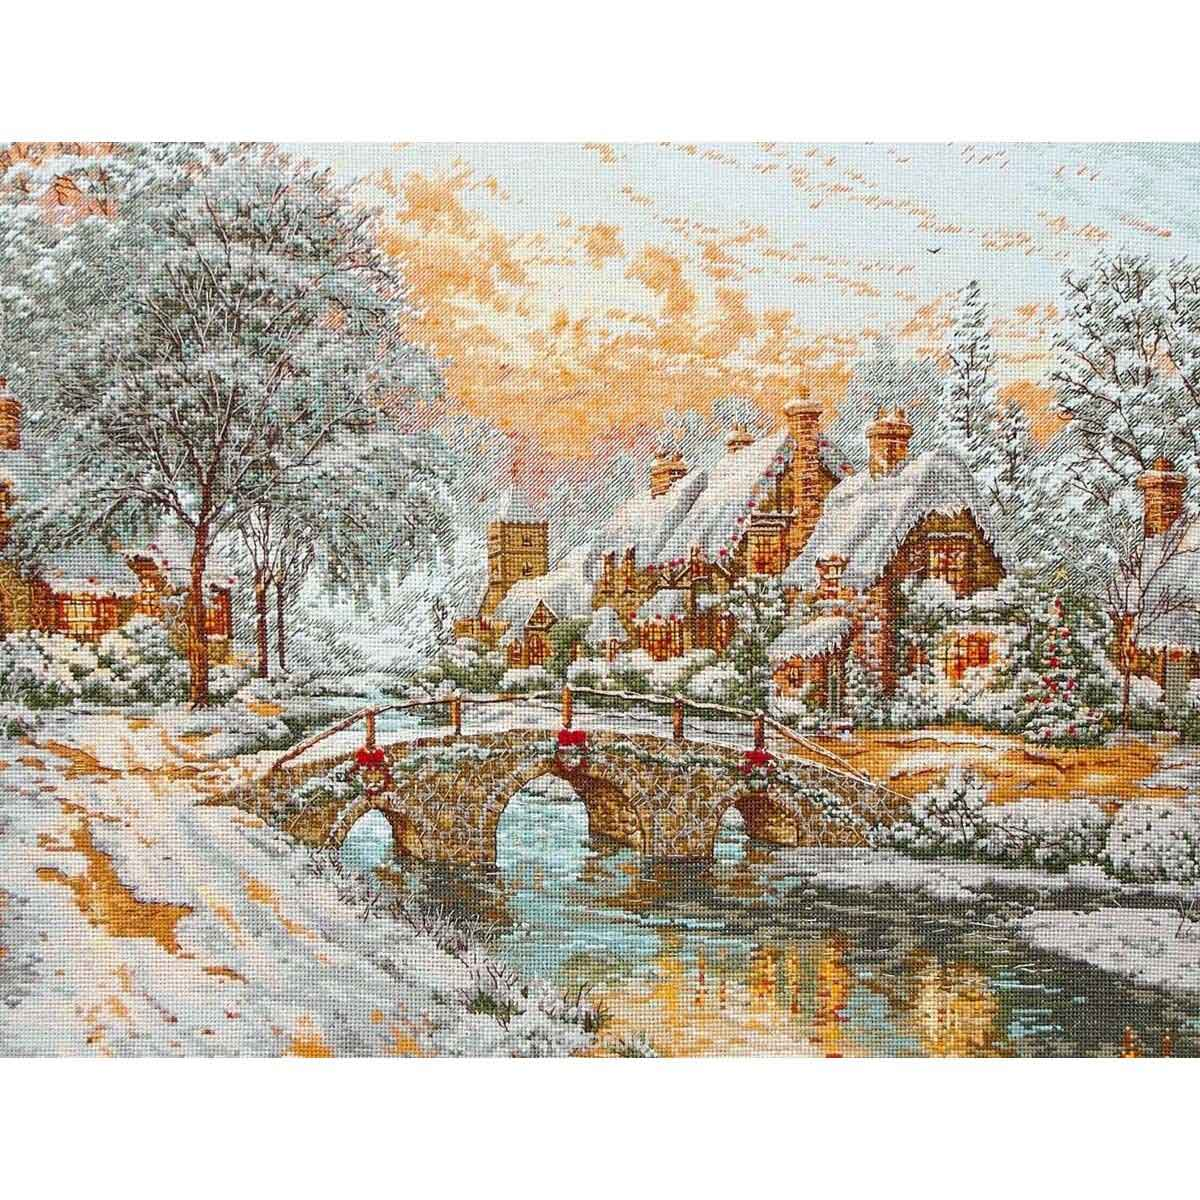 01062-5678000 Набор для вышивания MAIA 'Рождество', 35х45 см